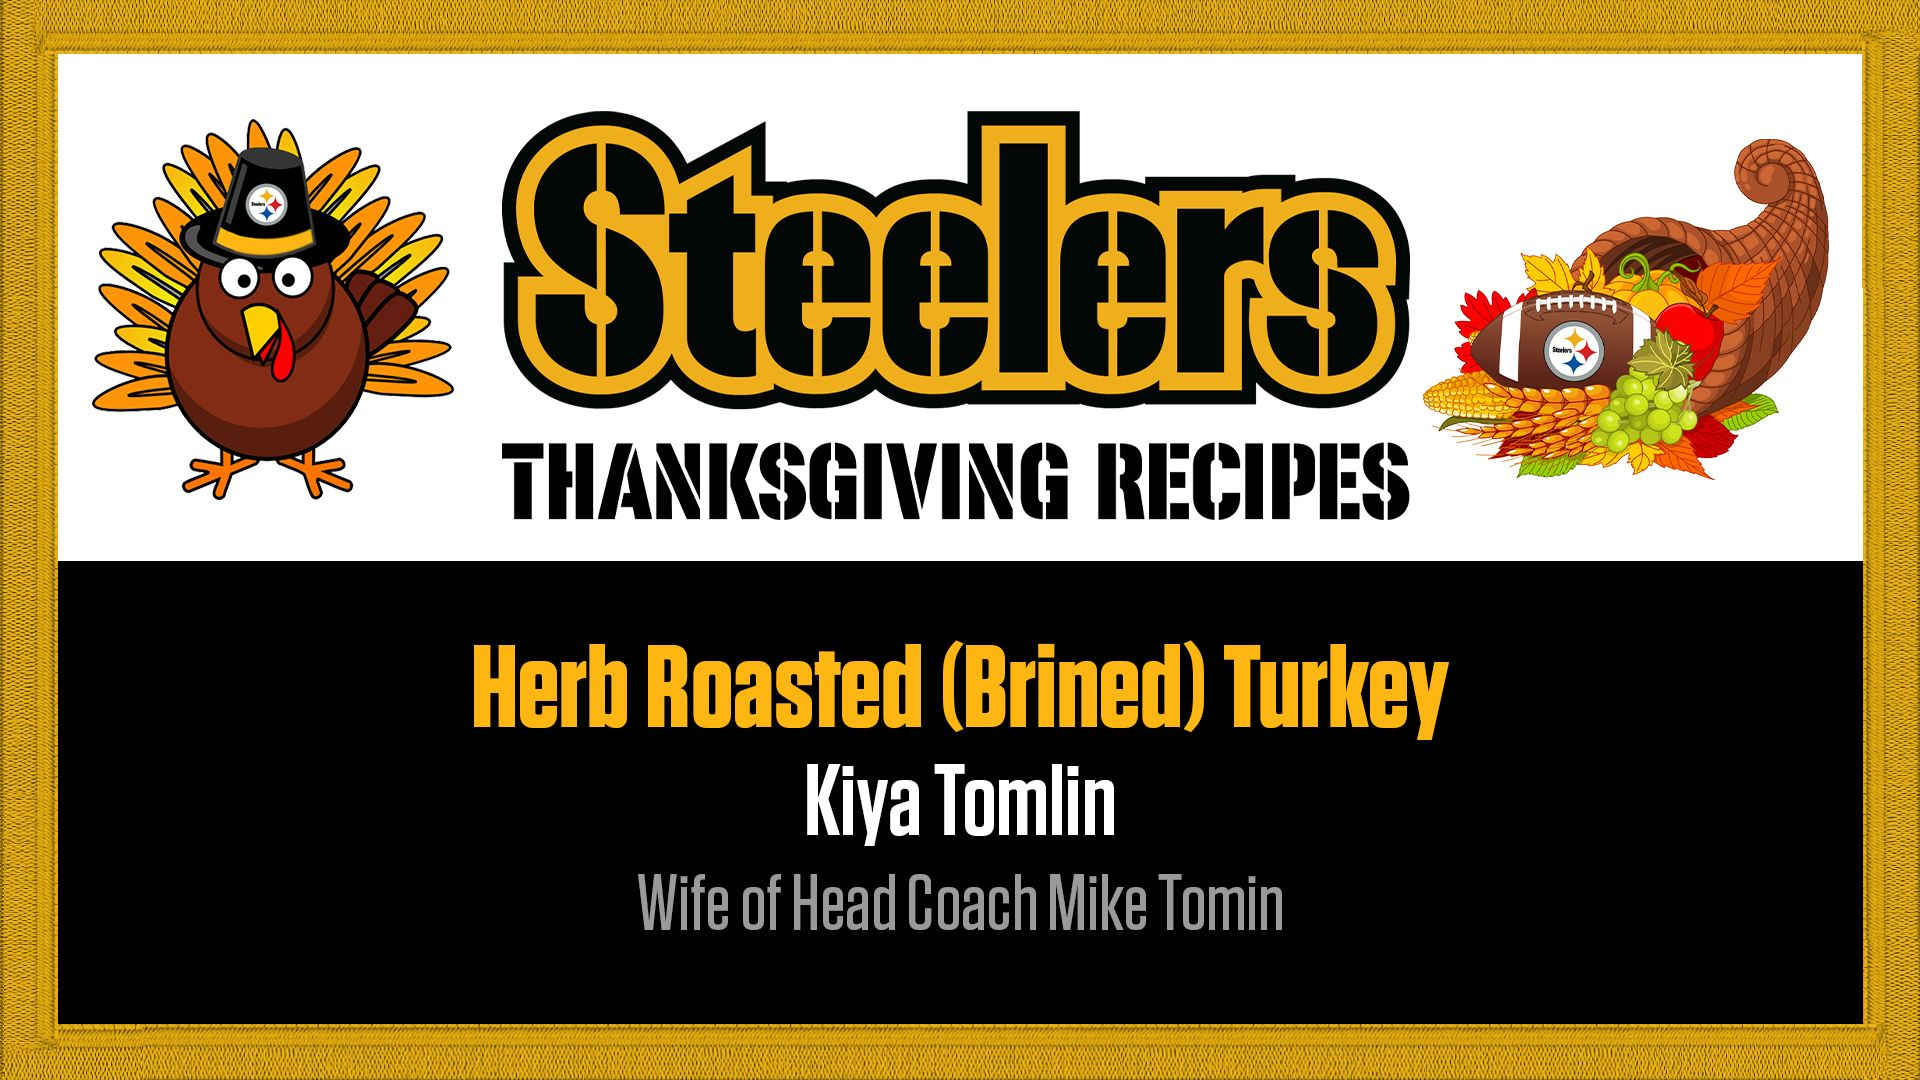 Recipe-herb roasted turkey_kiya tomlin